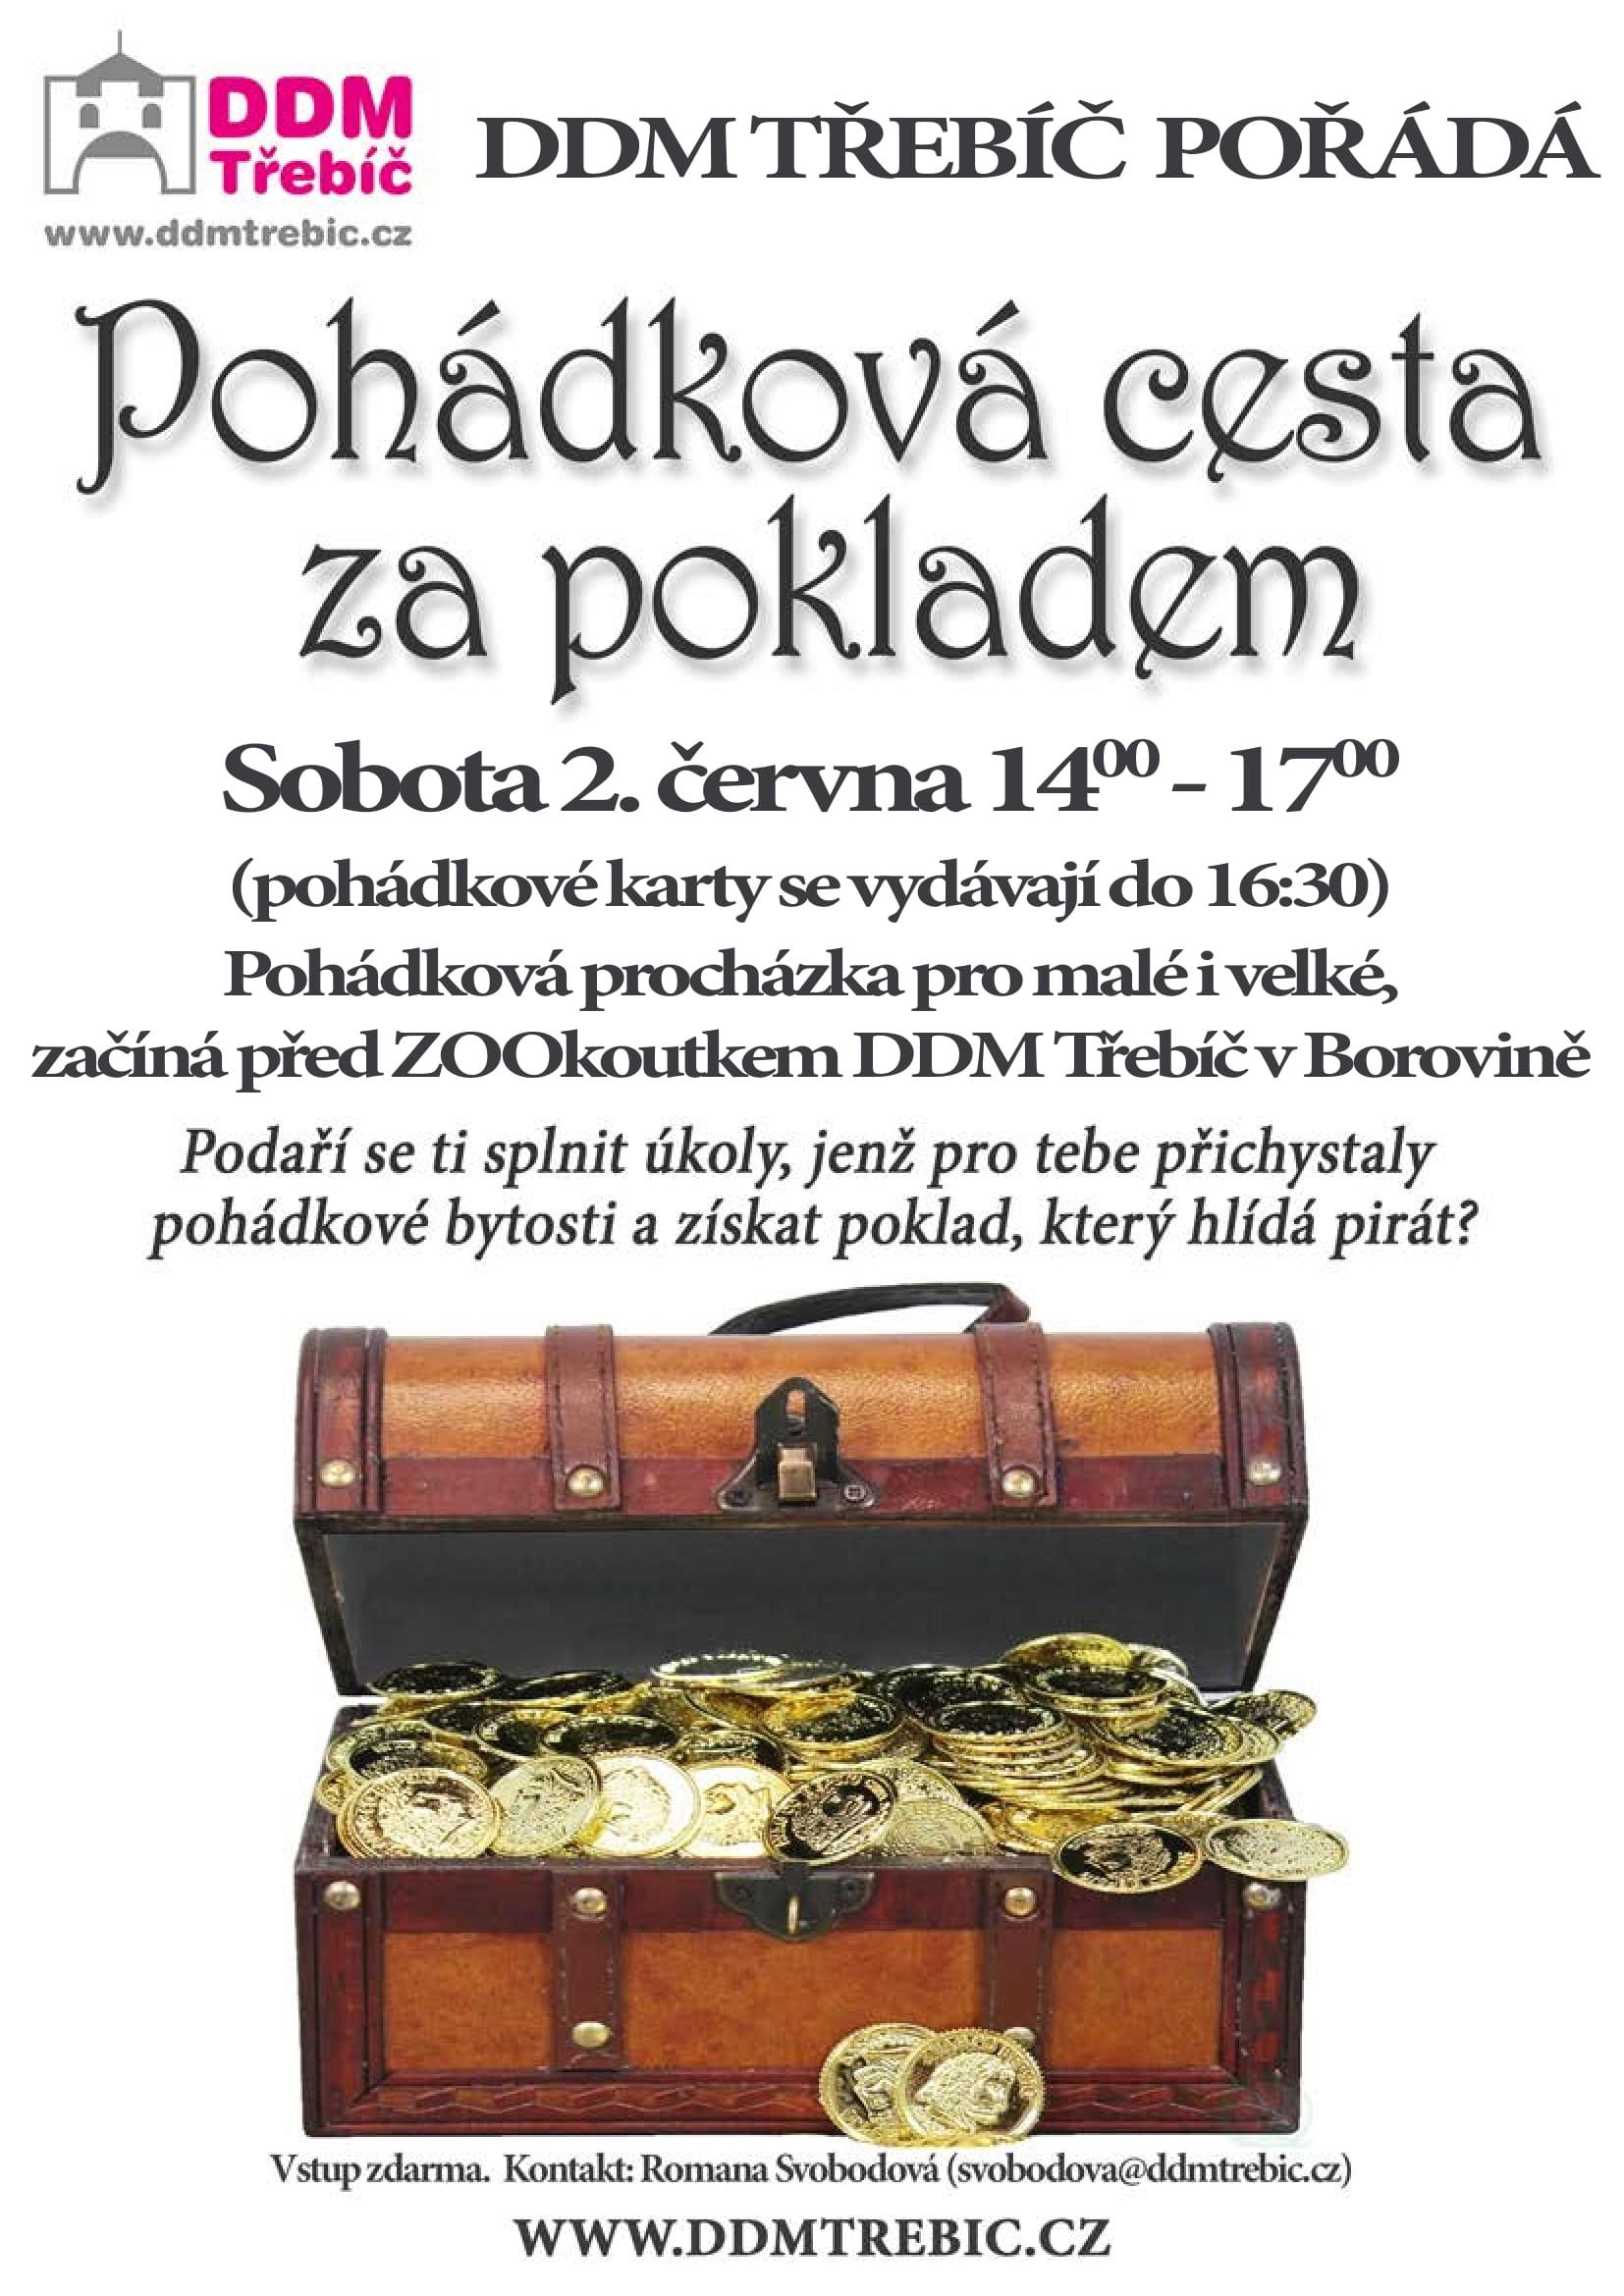 Pohádková cesta za pokladem @ DDM Třebíč | Třebíč | Kraj Vysočina | Česko